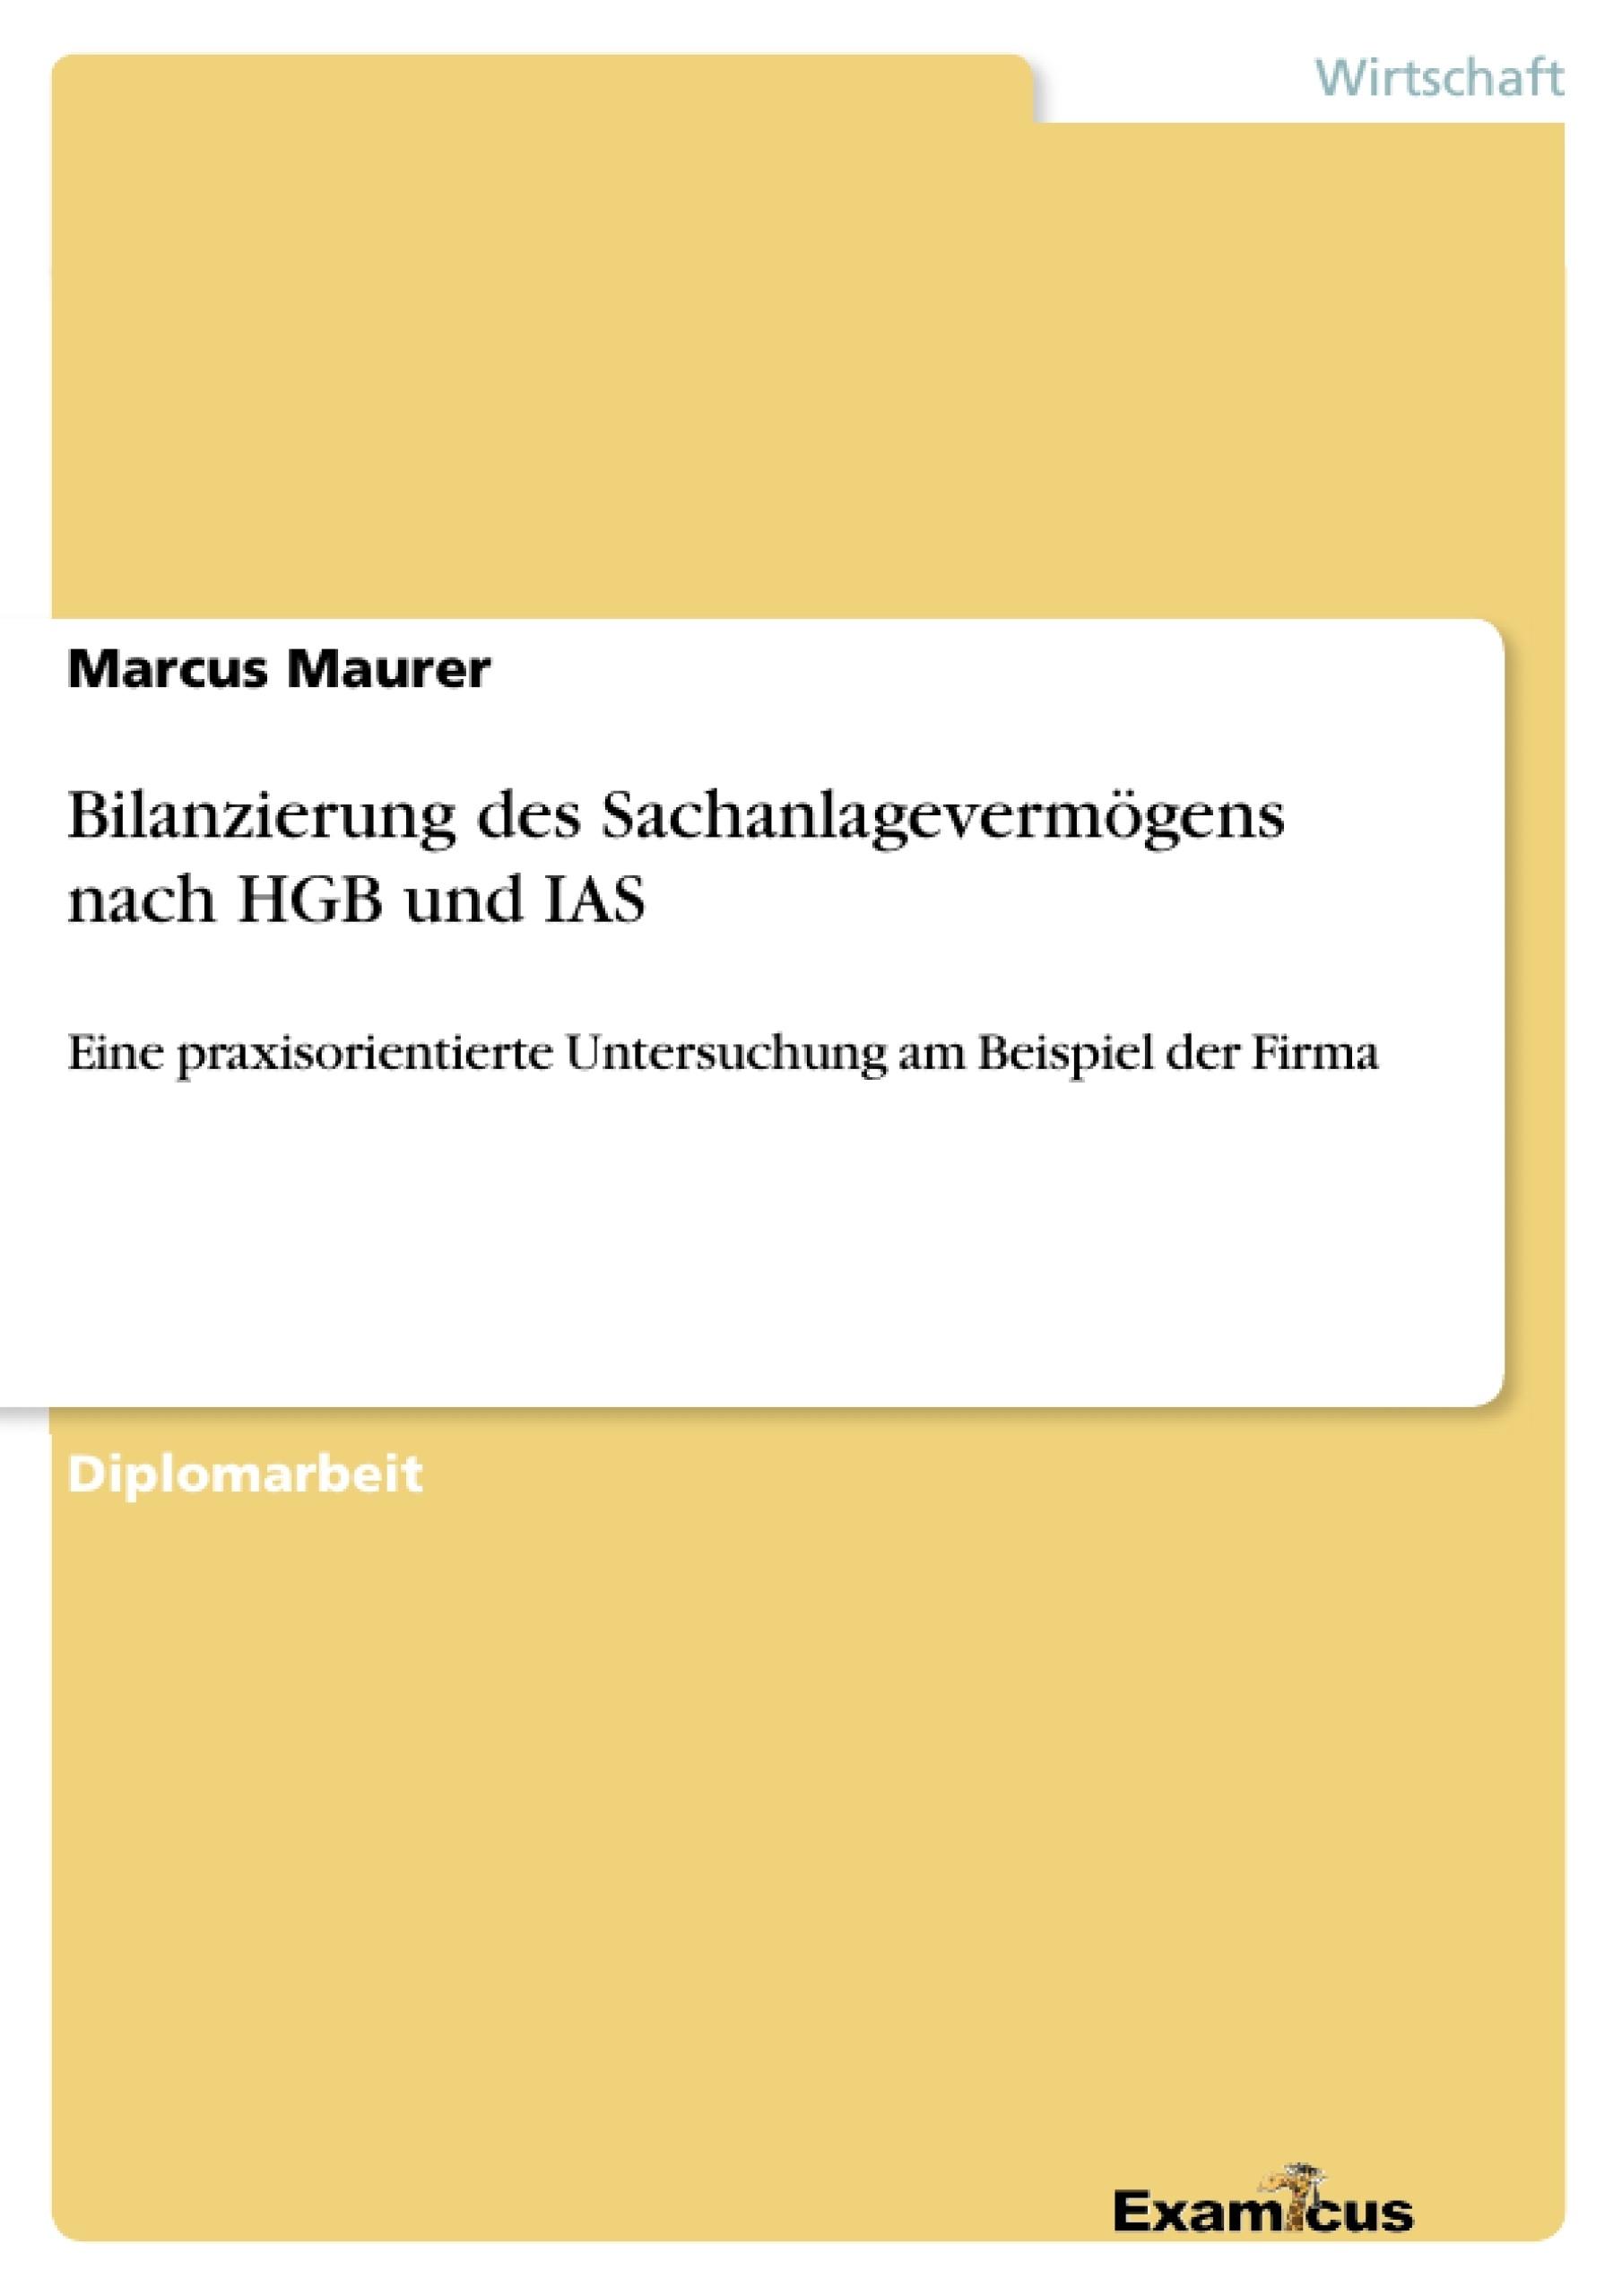 Titel: Bilanzierung des Sachanlagevermögens nach HGB und IAS